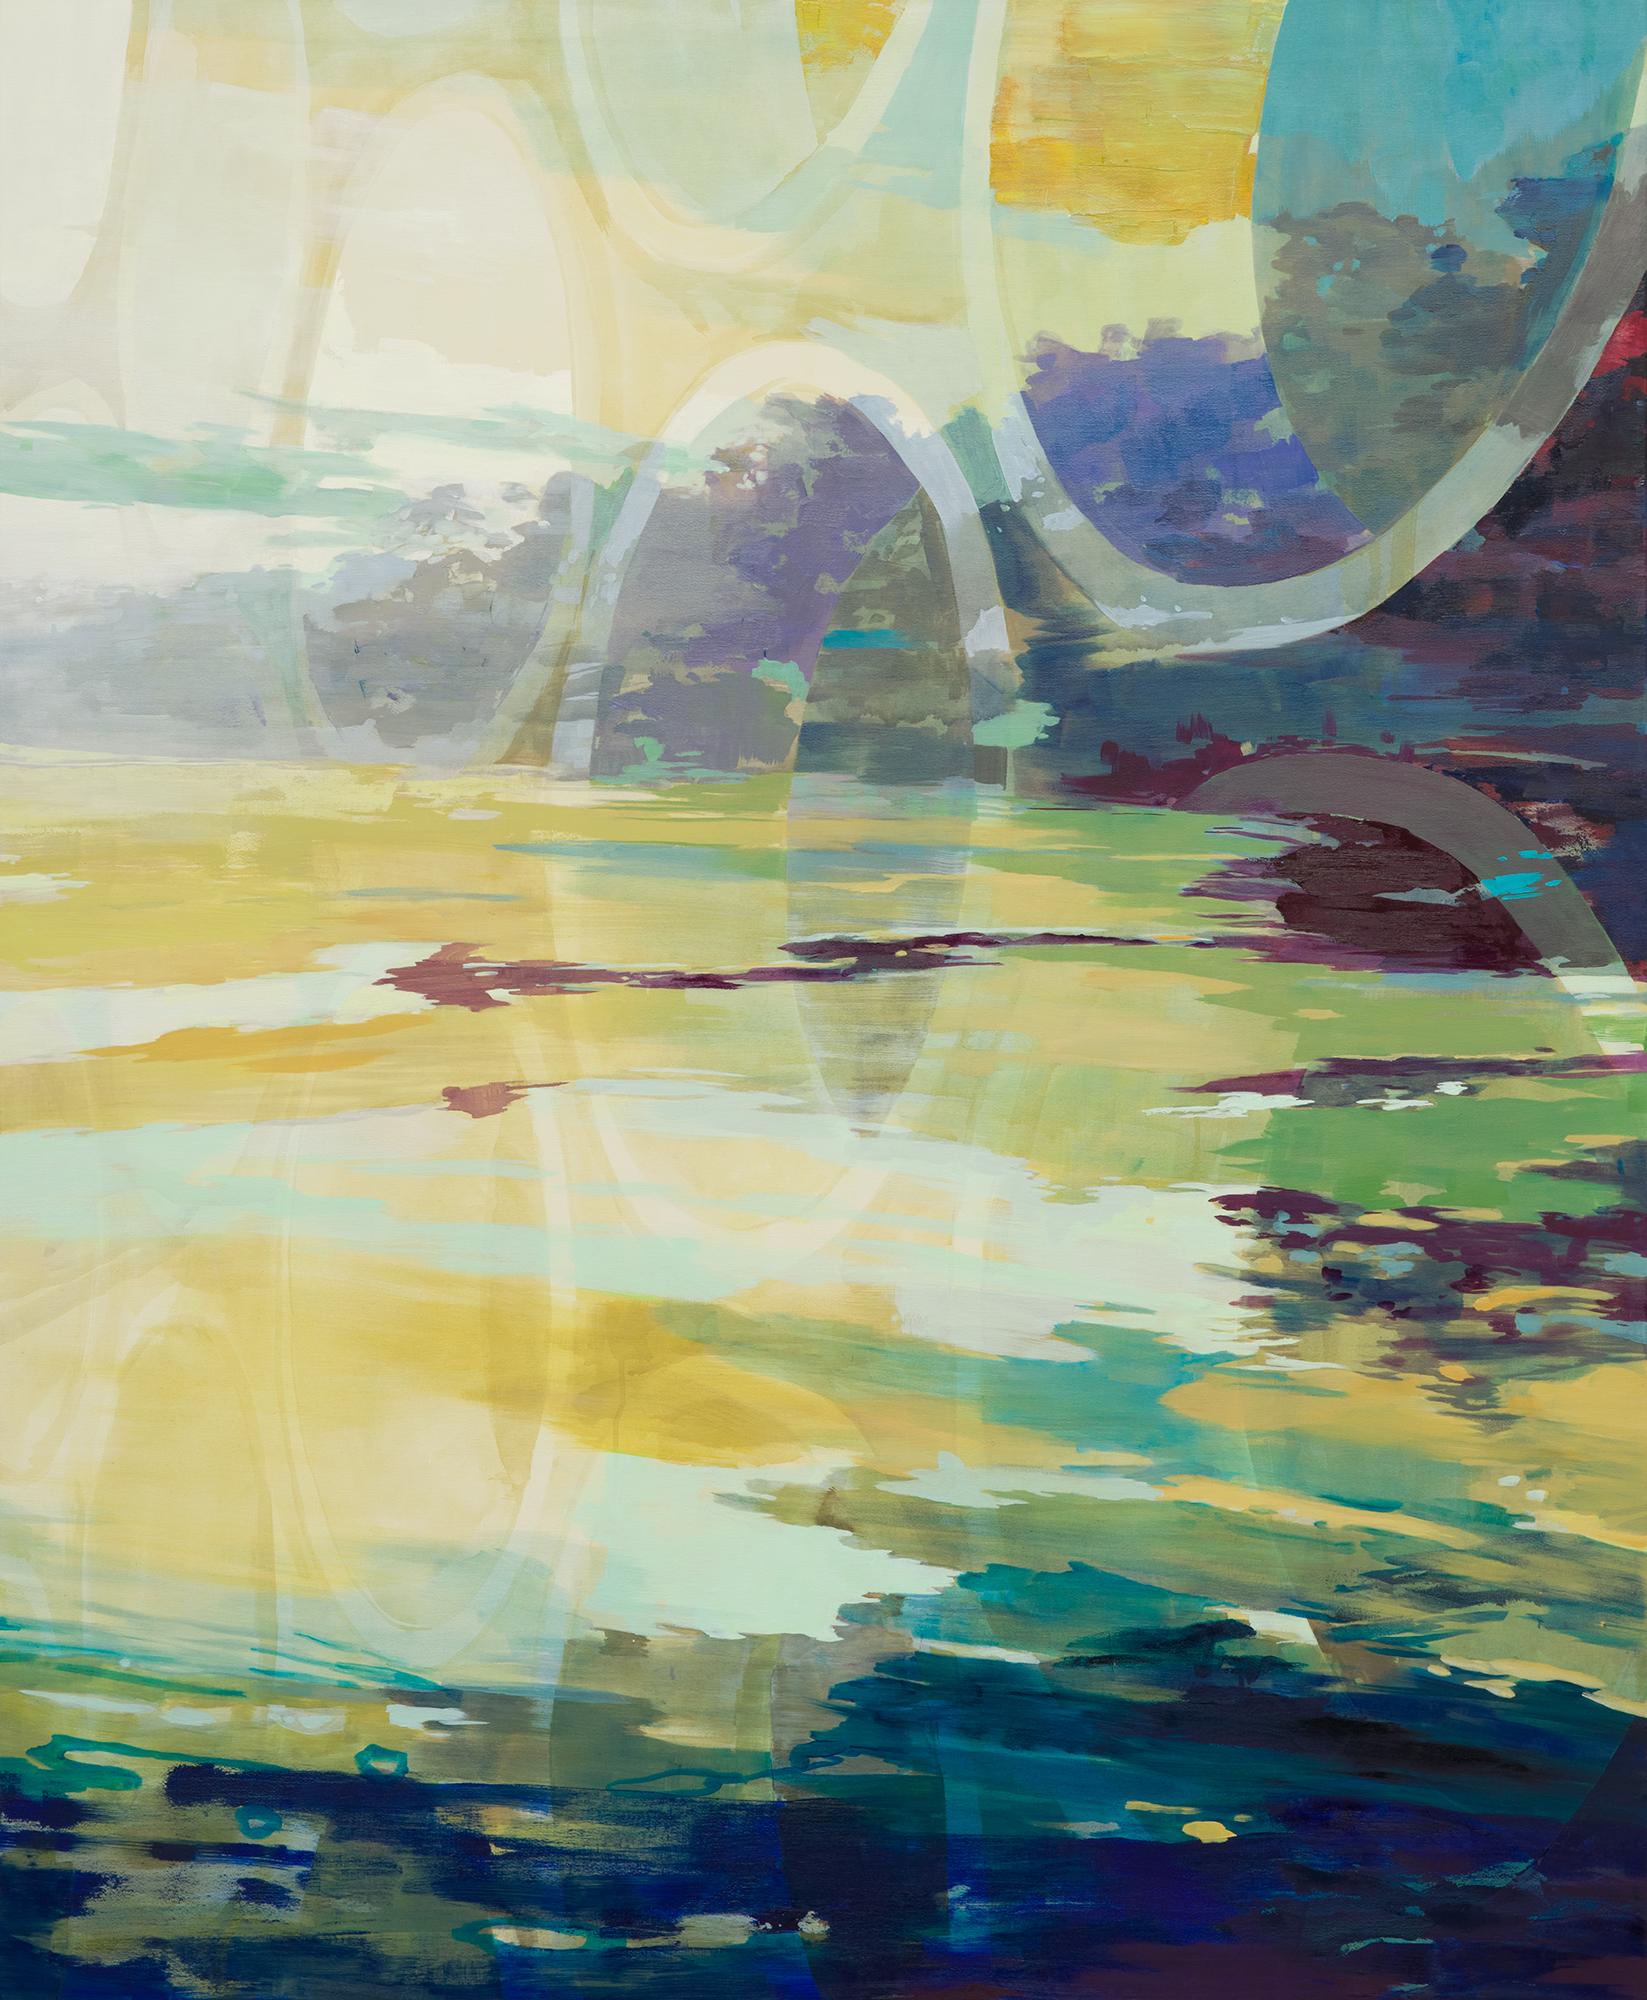 Südwest, 2014, 170 x 140 cm, oil on canvas